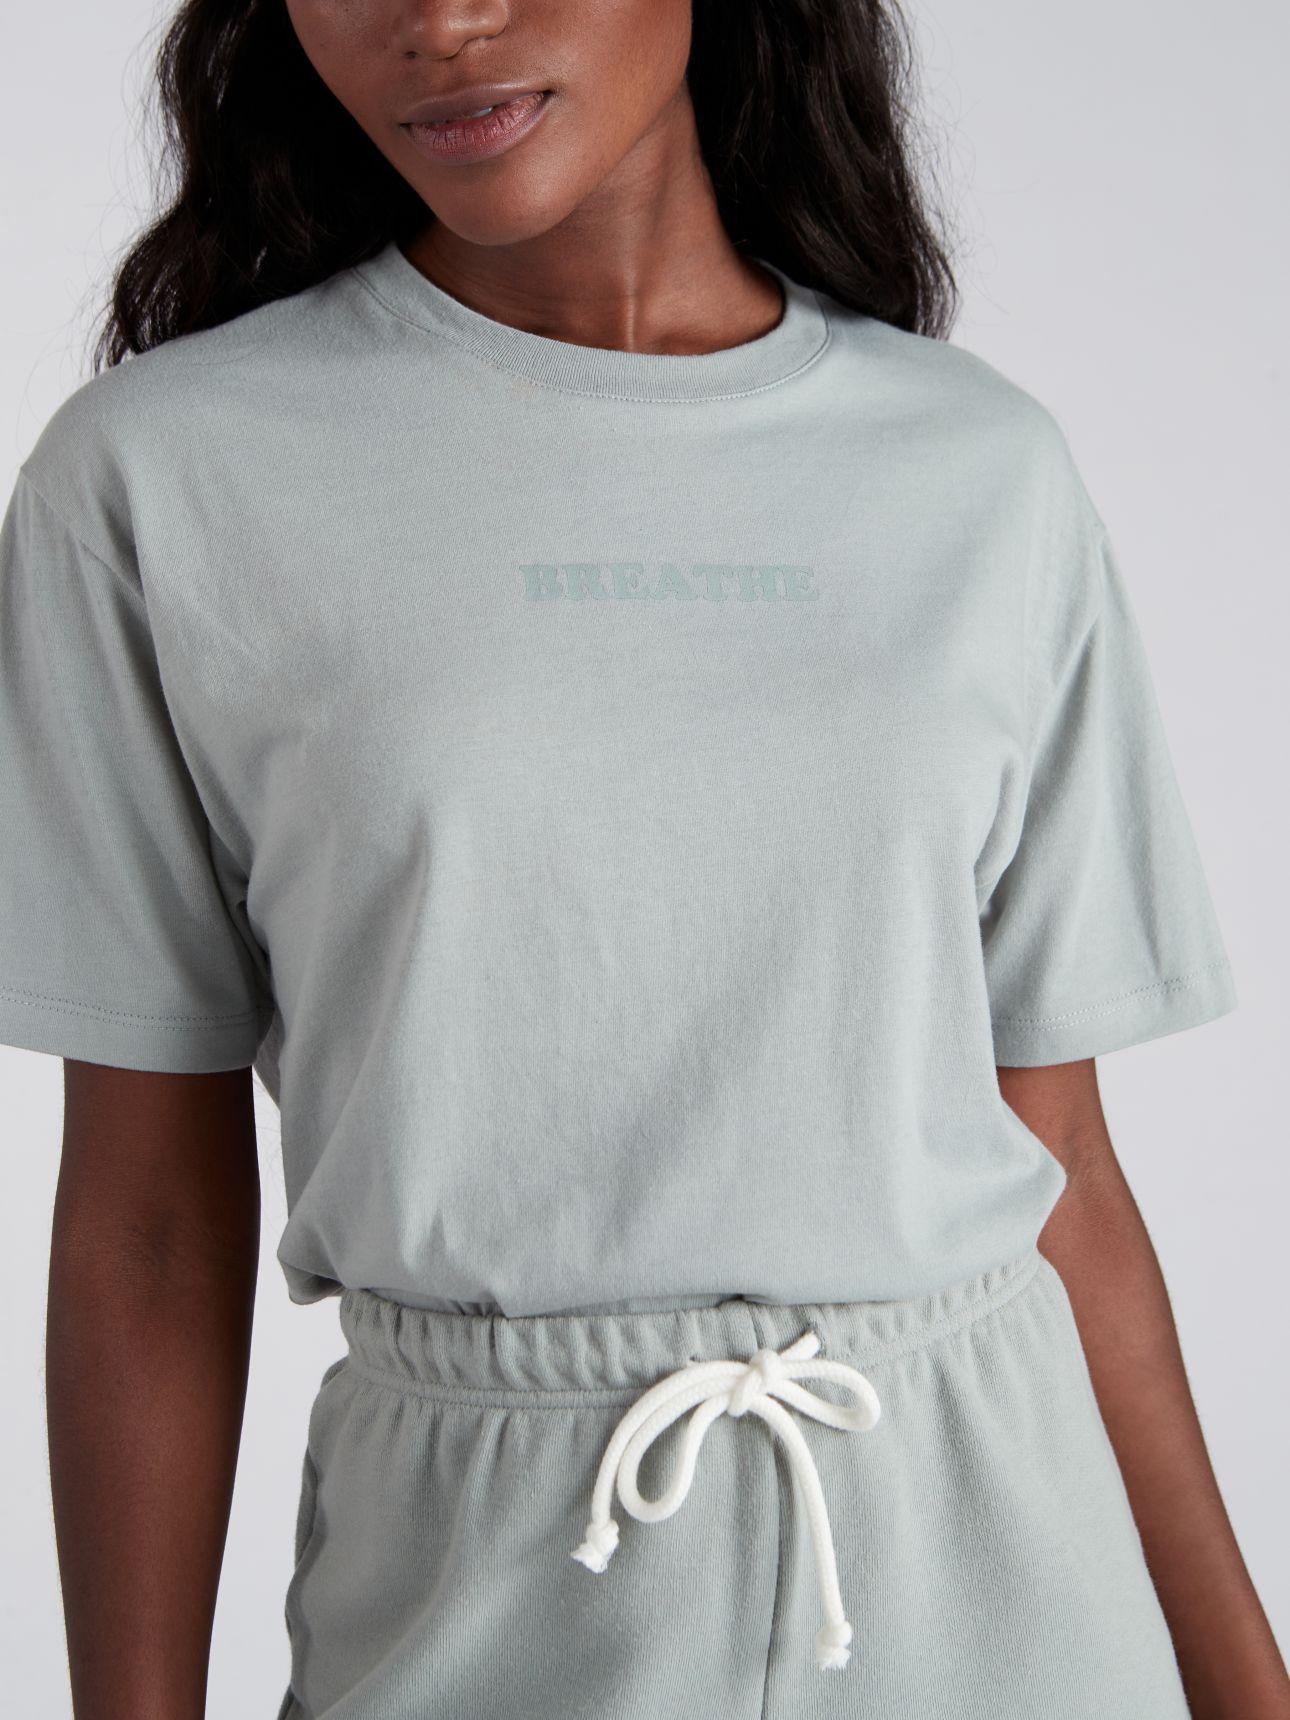 חולצת טי שירט עם דפוס BLOOM בצבע ירוק מרווה